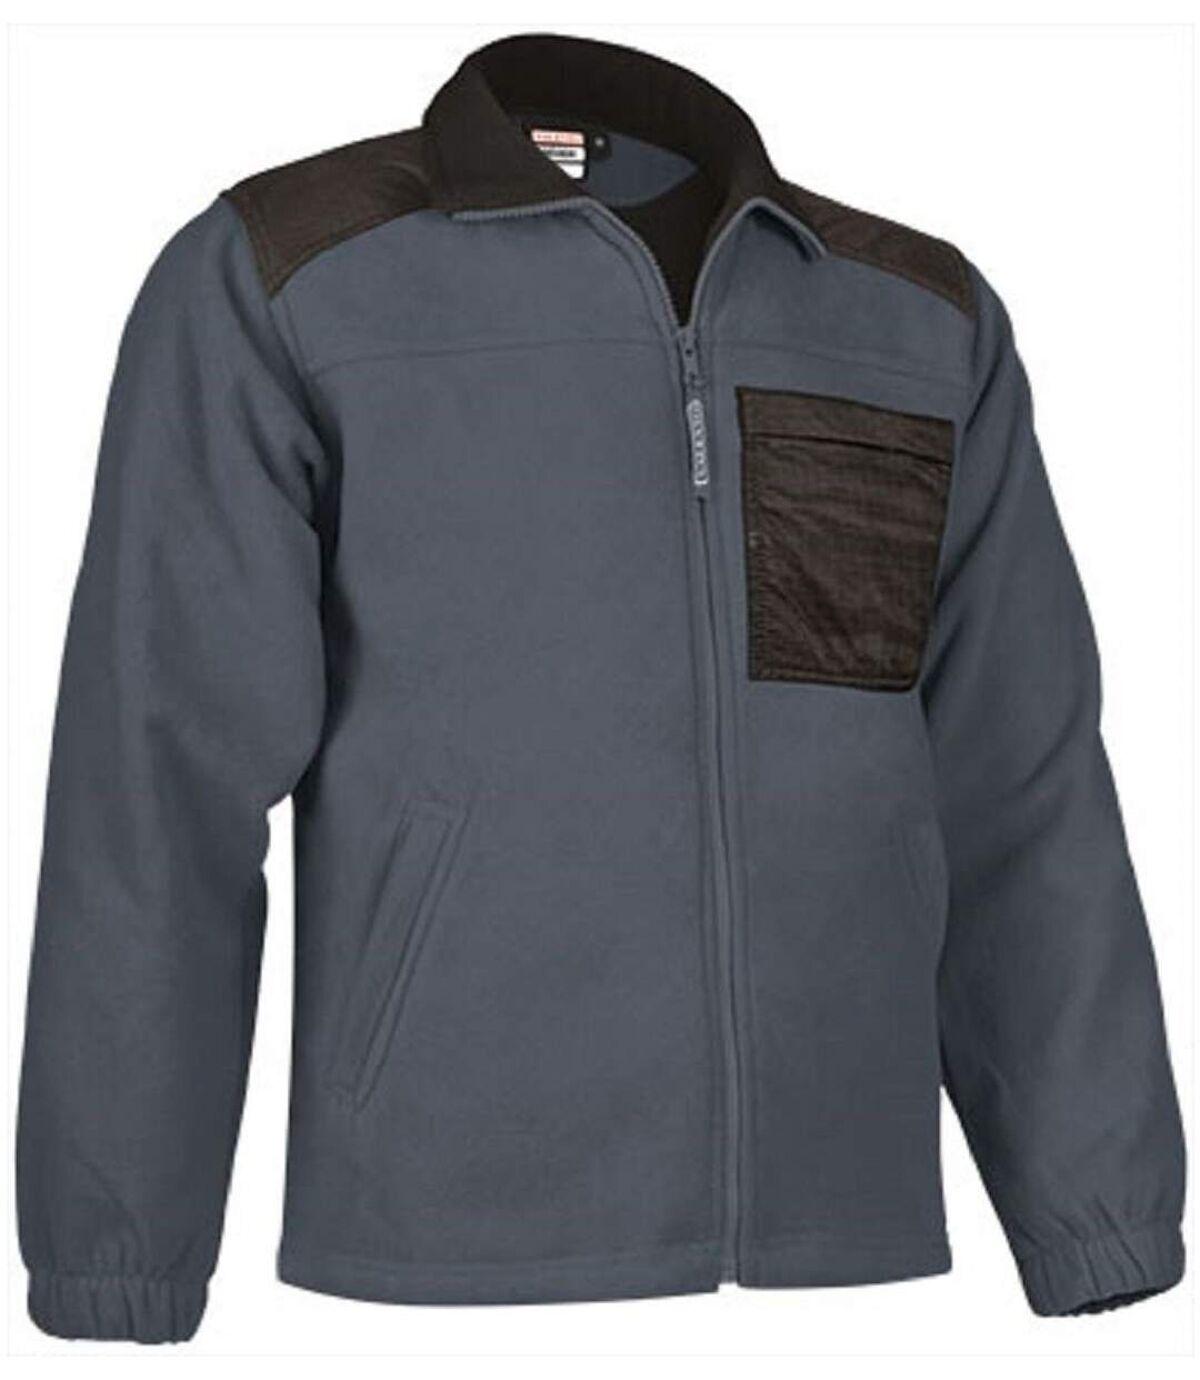 Veste polaire zippée - Homme - REF NEVADA - gris